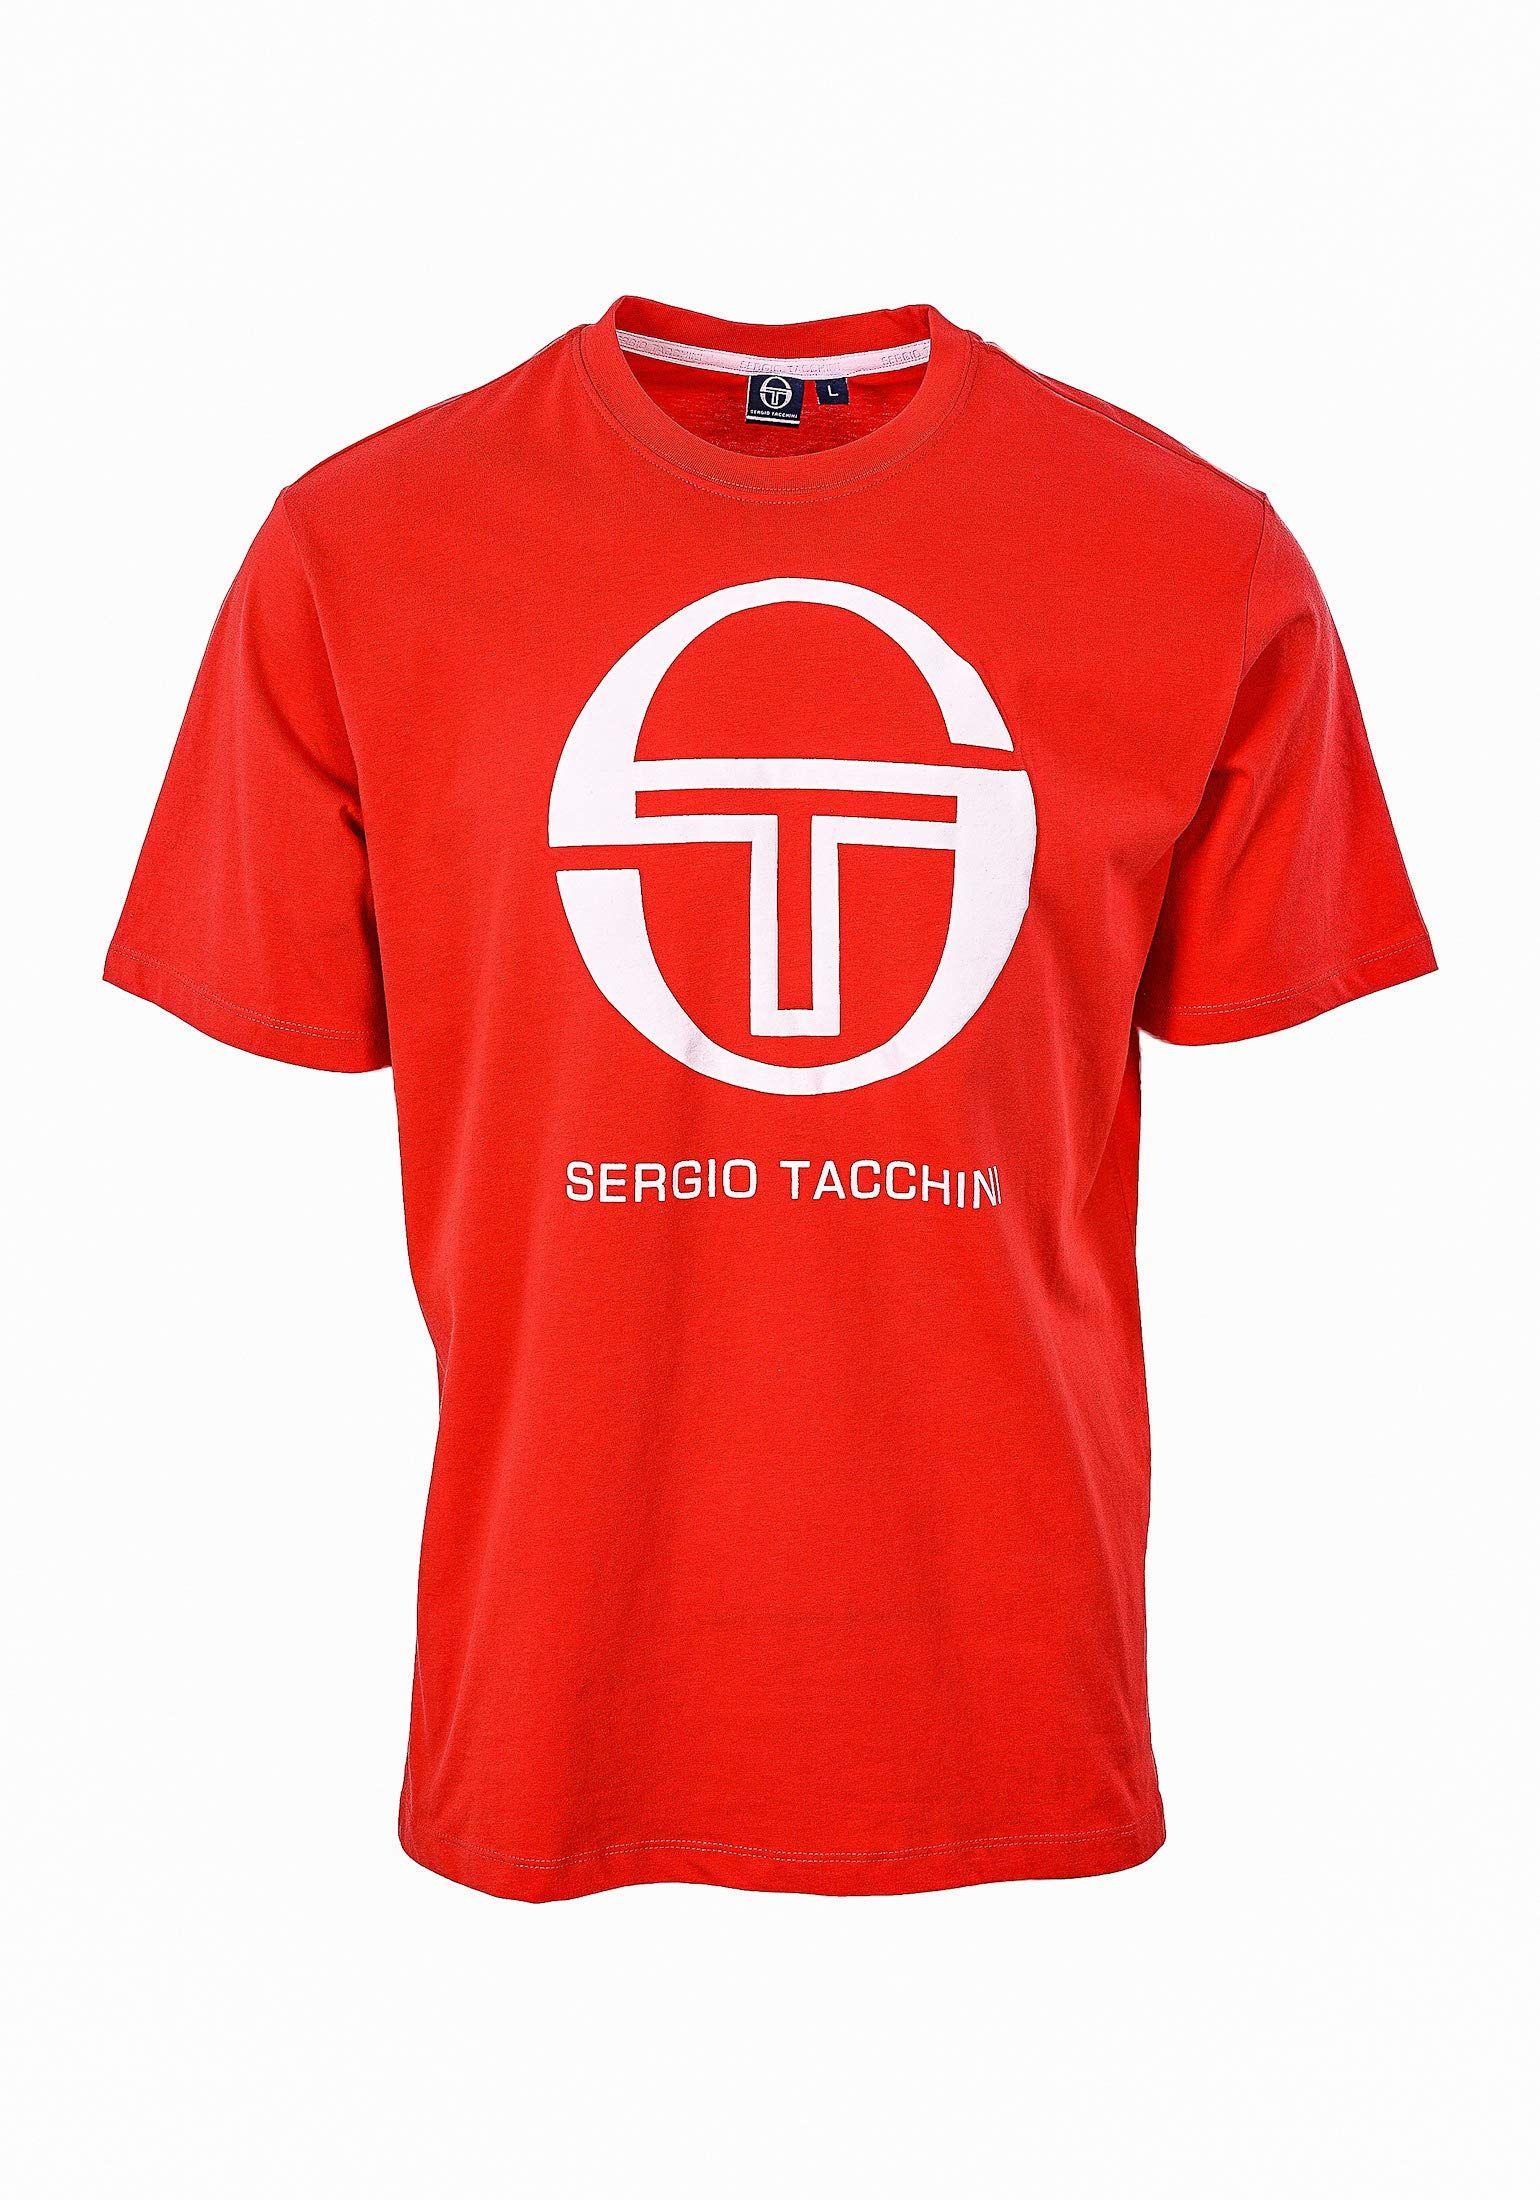 Sergio Tacchini T-shirt chłopięcy Club Tech, granatowy/biały, LJ